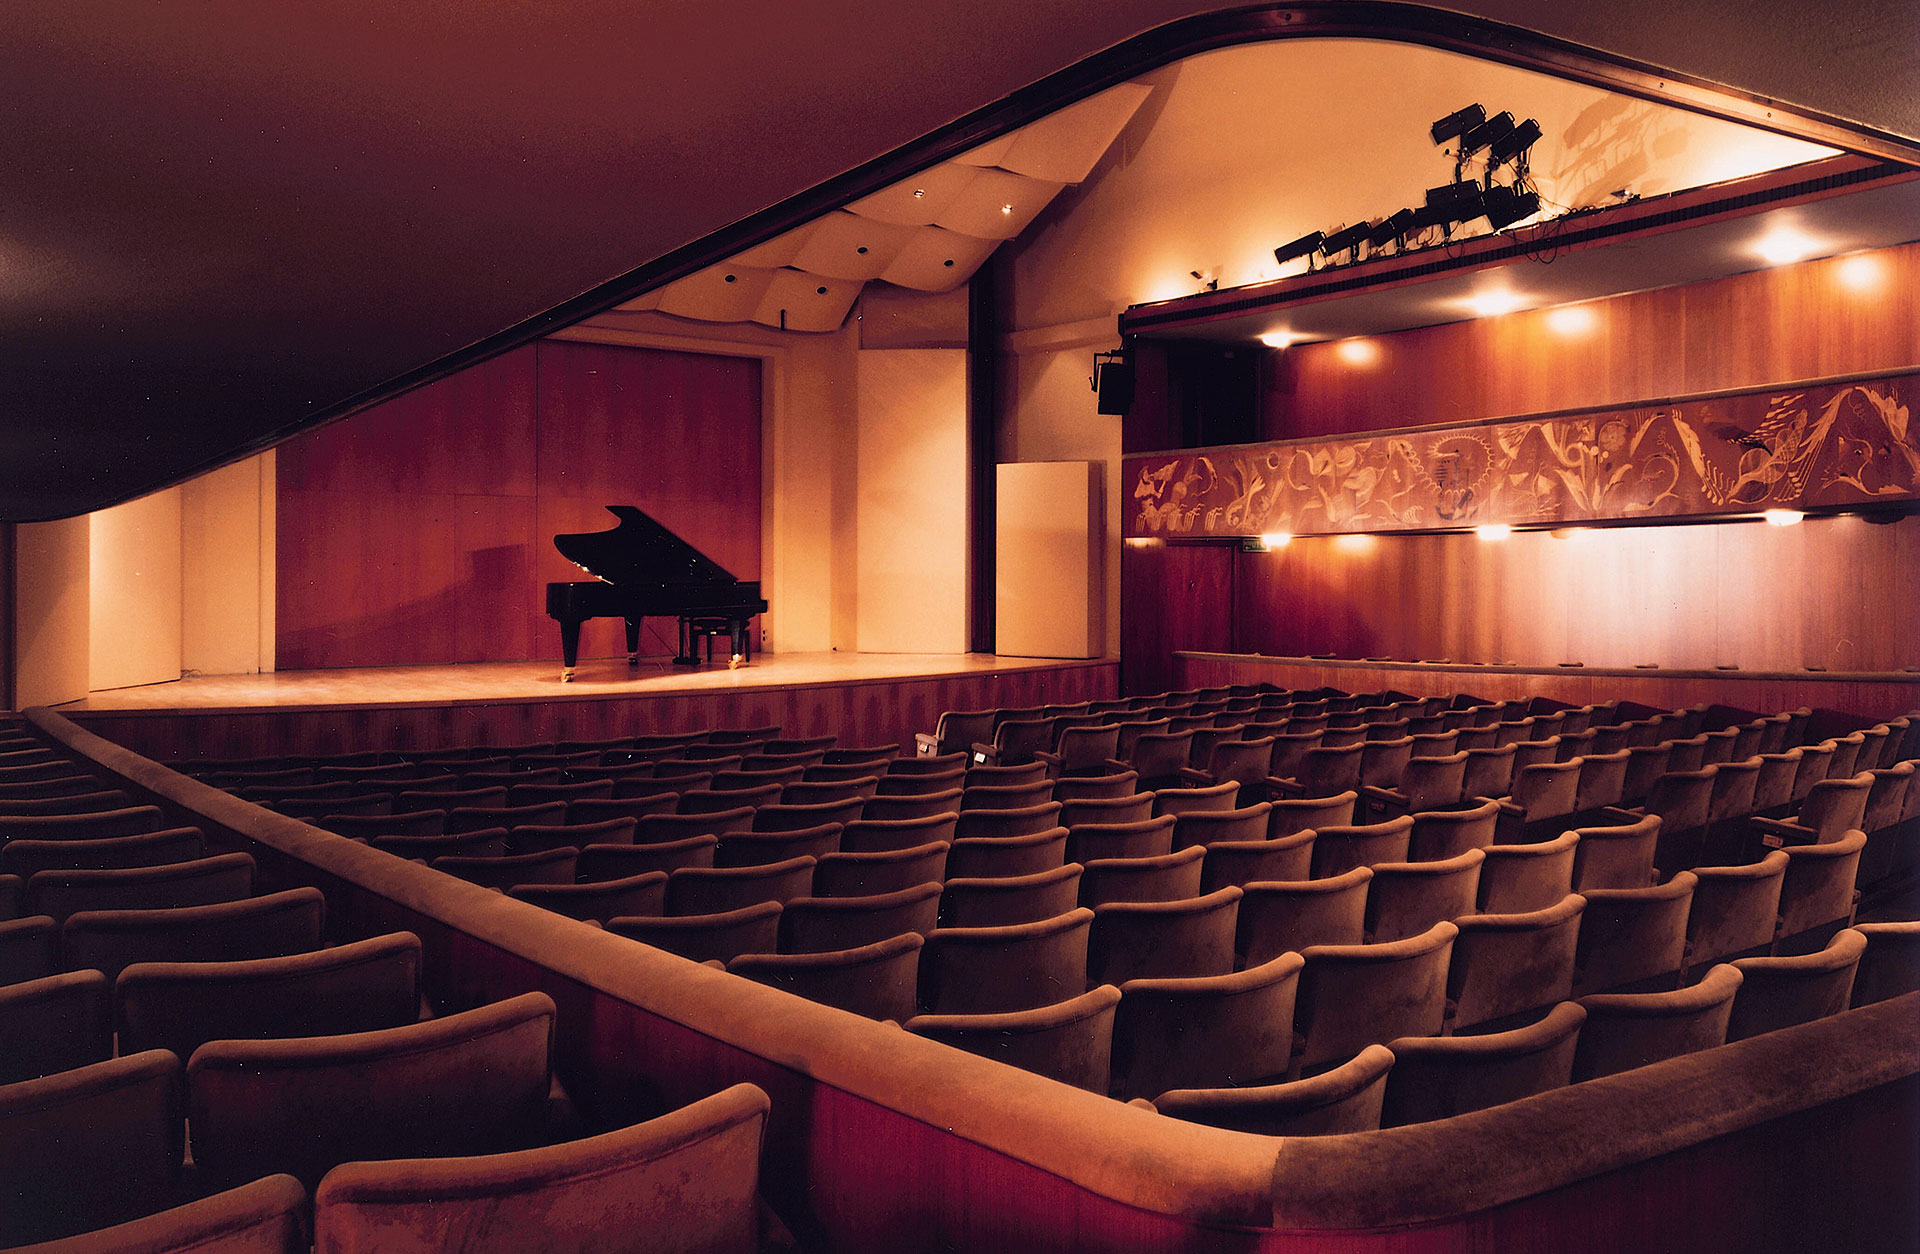 Konsertsal med stolar i förgrunden och scen med flygel.